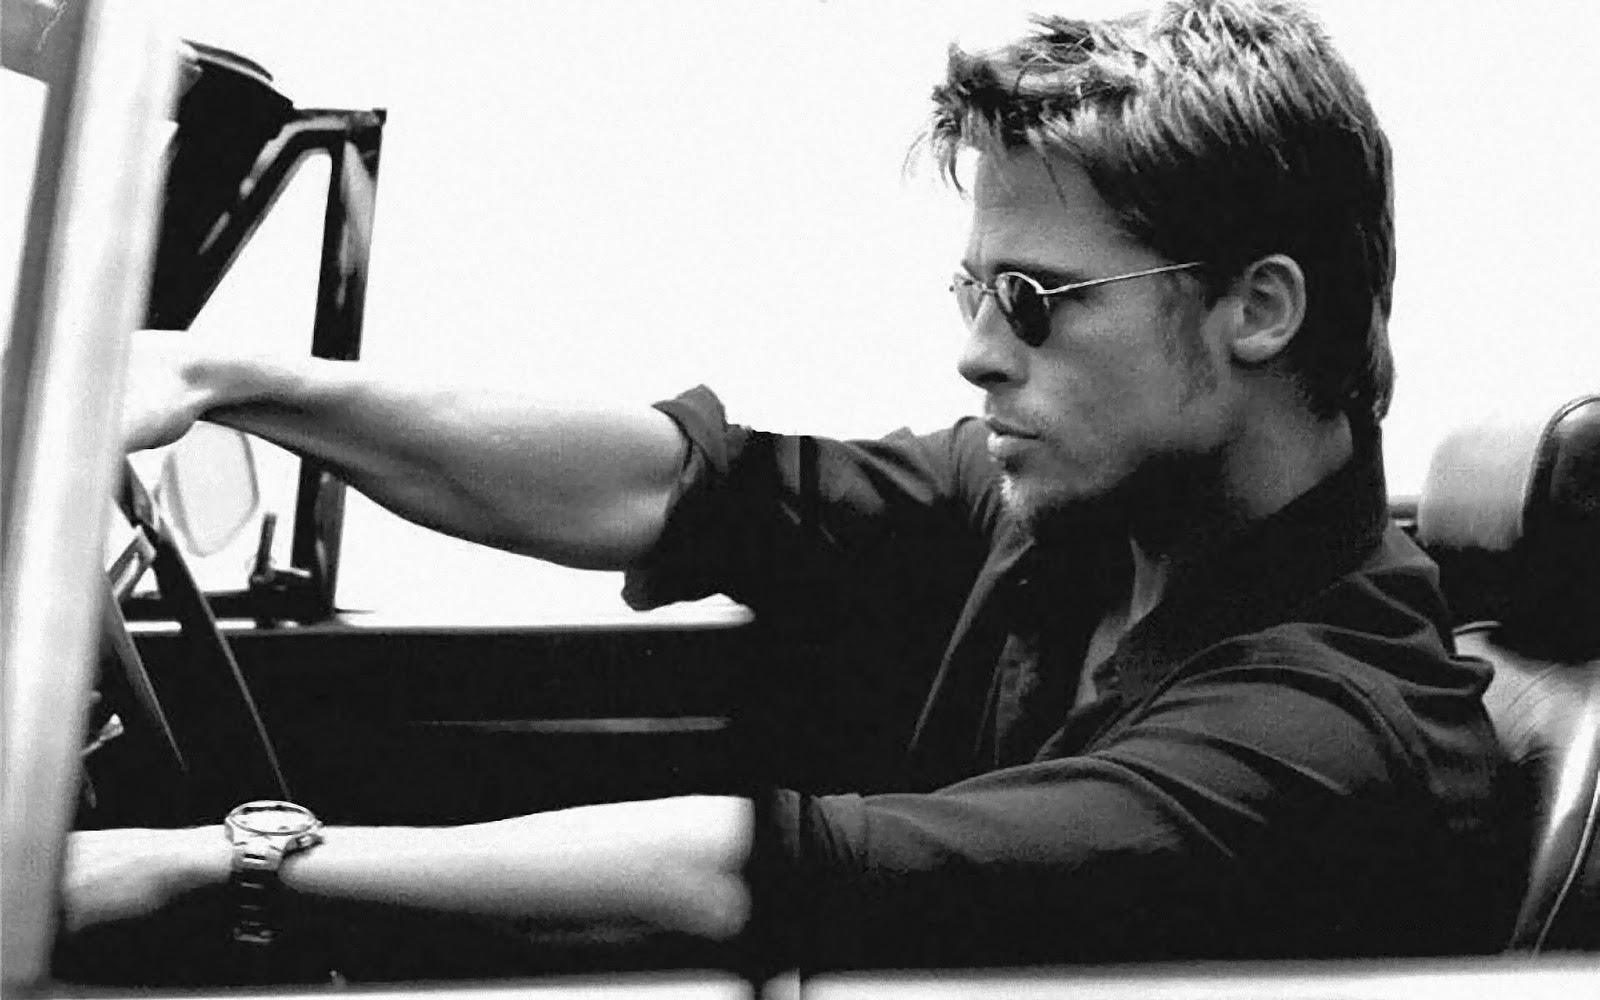 ブラッド・ピット 画像・壁紙 : 【世界のイケメン】 ブラッド・ピット 画像・壁紙 - NAVER まとめ Brad Pitts Facebook